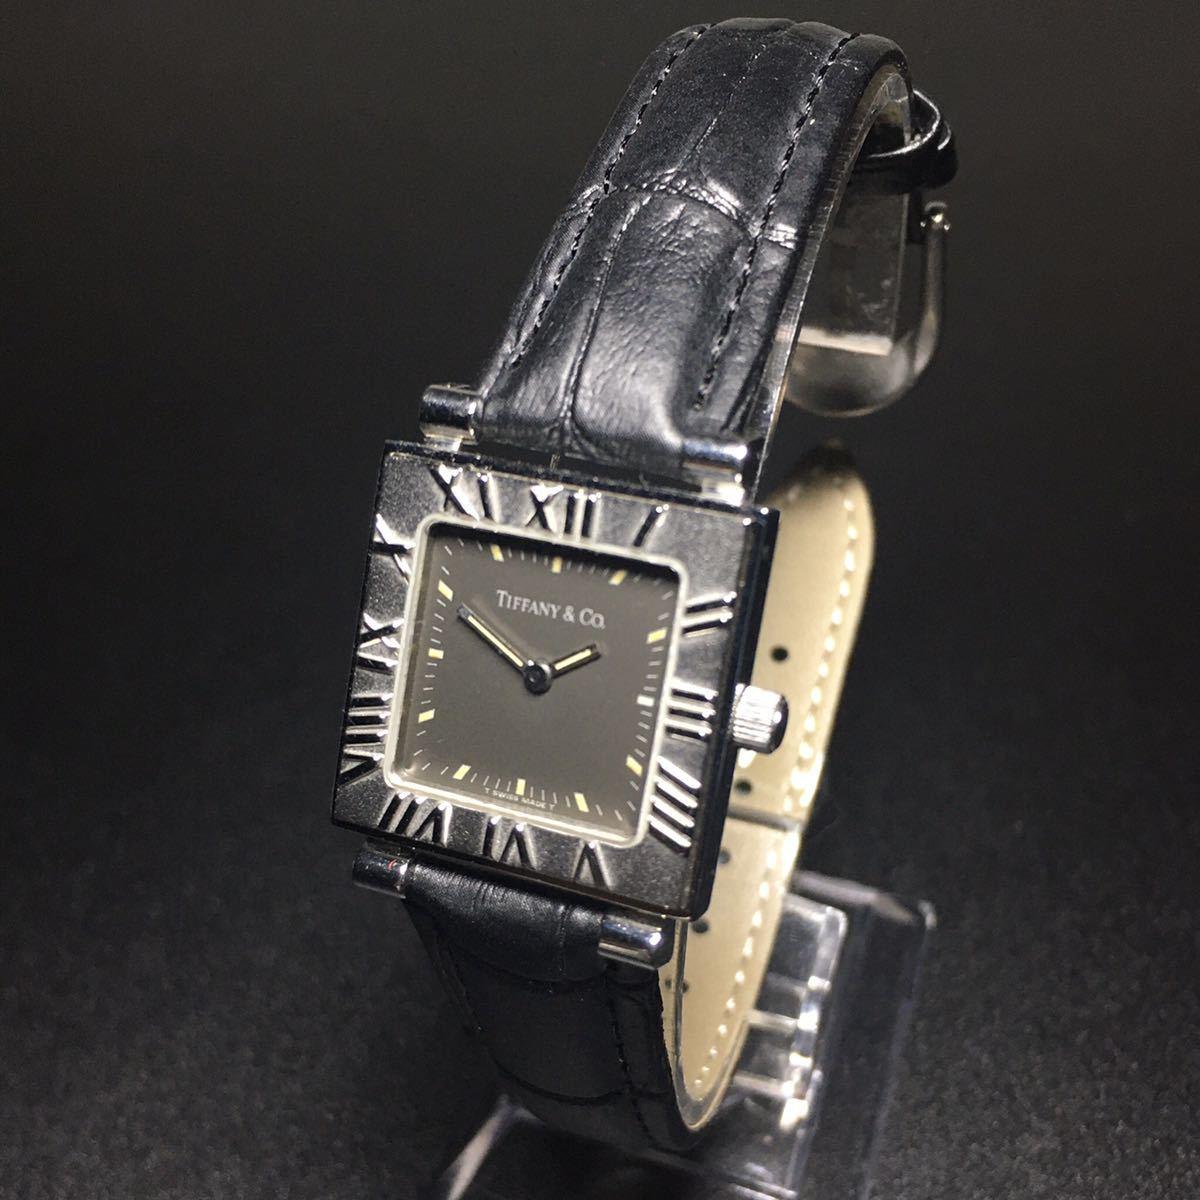 【美品 正規品】ティファニー 腕時計 アトラス スクエア レディース 可動品 時計 TIFFANY クオーツ 【2006Ti10】_画像1